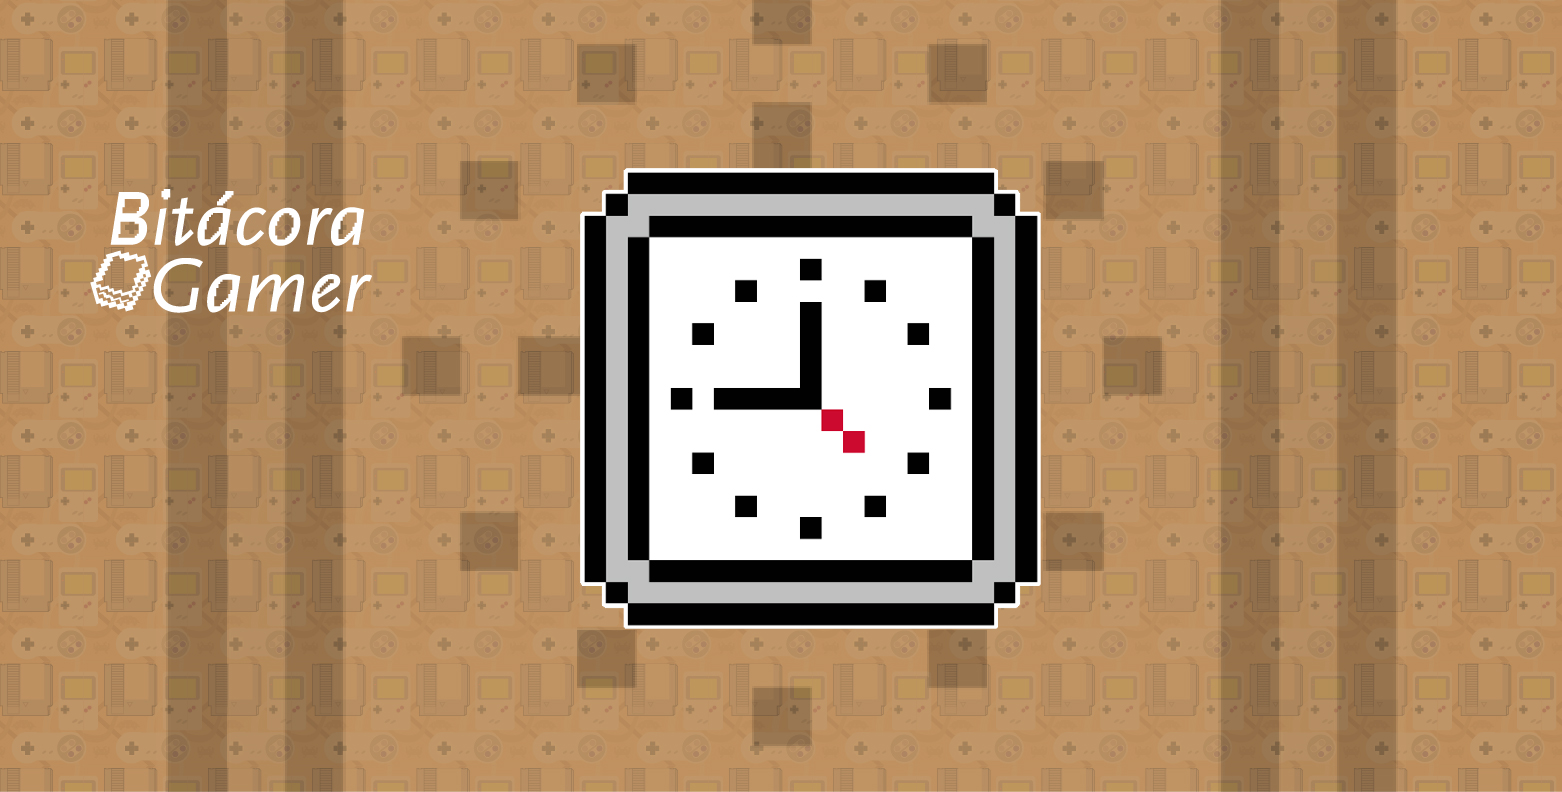 Videojuegos y poco tiempo